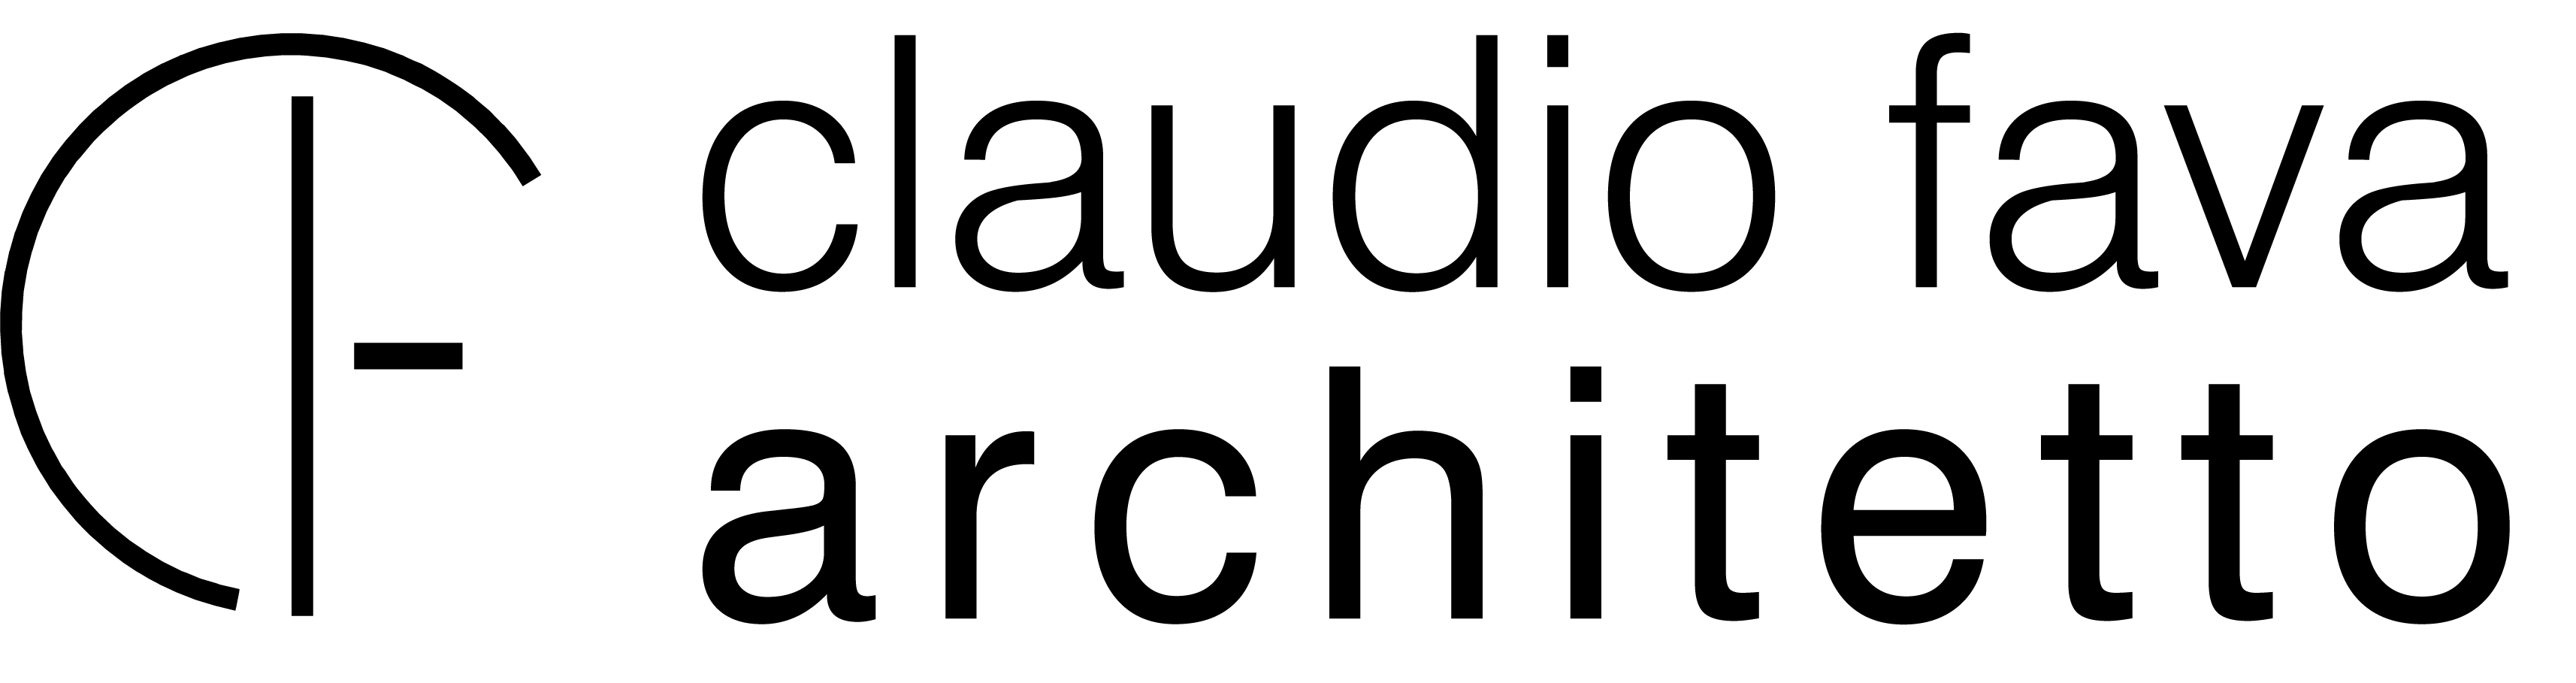 Whirlpool Garten Test Schön Magna Fringilla Condimentum – Claudio Fava Architetto